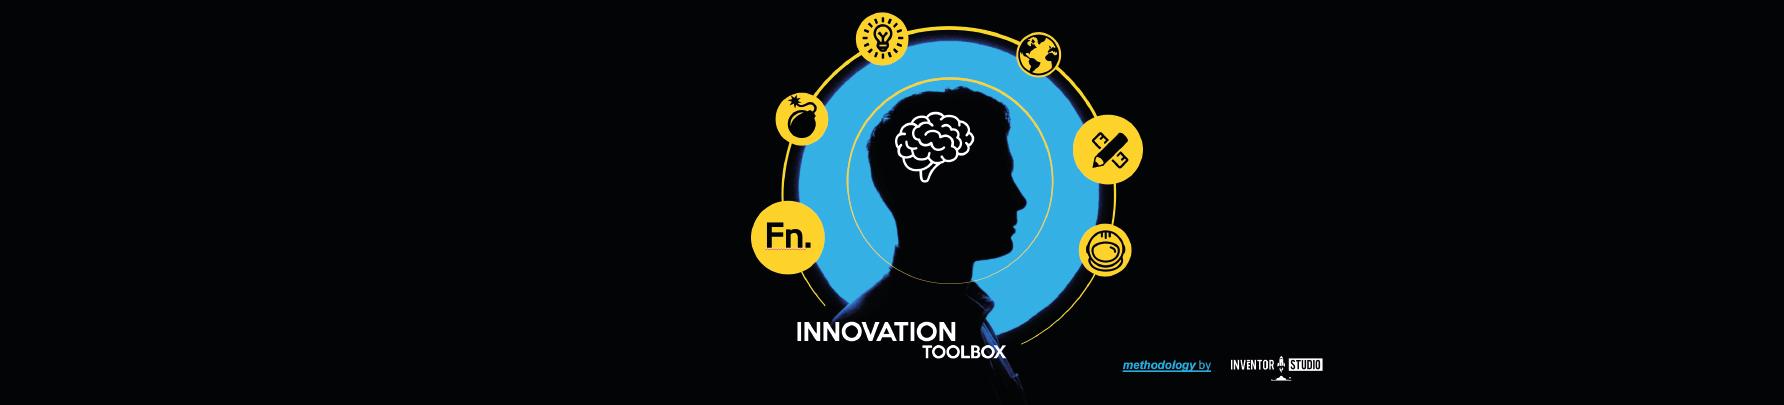 Sabo Tercero · Innovation Toolbox ®